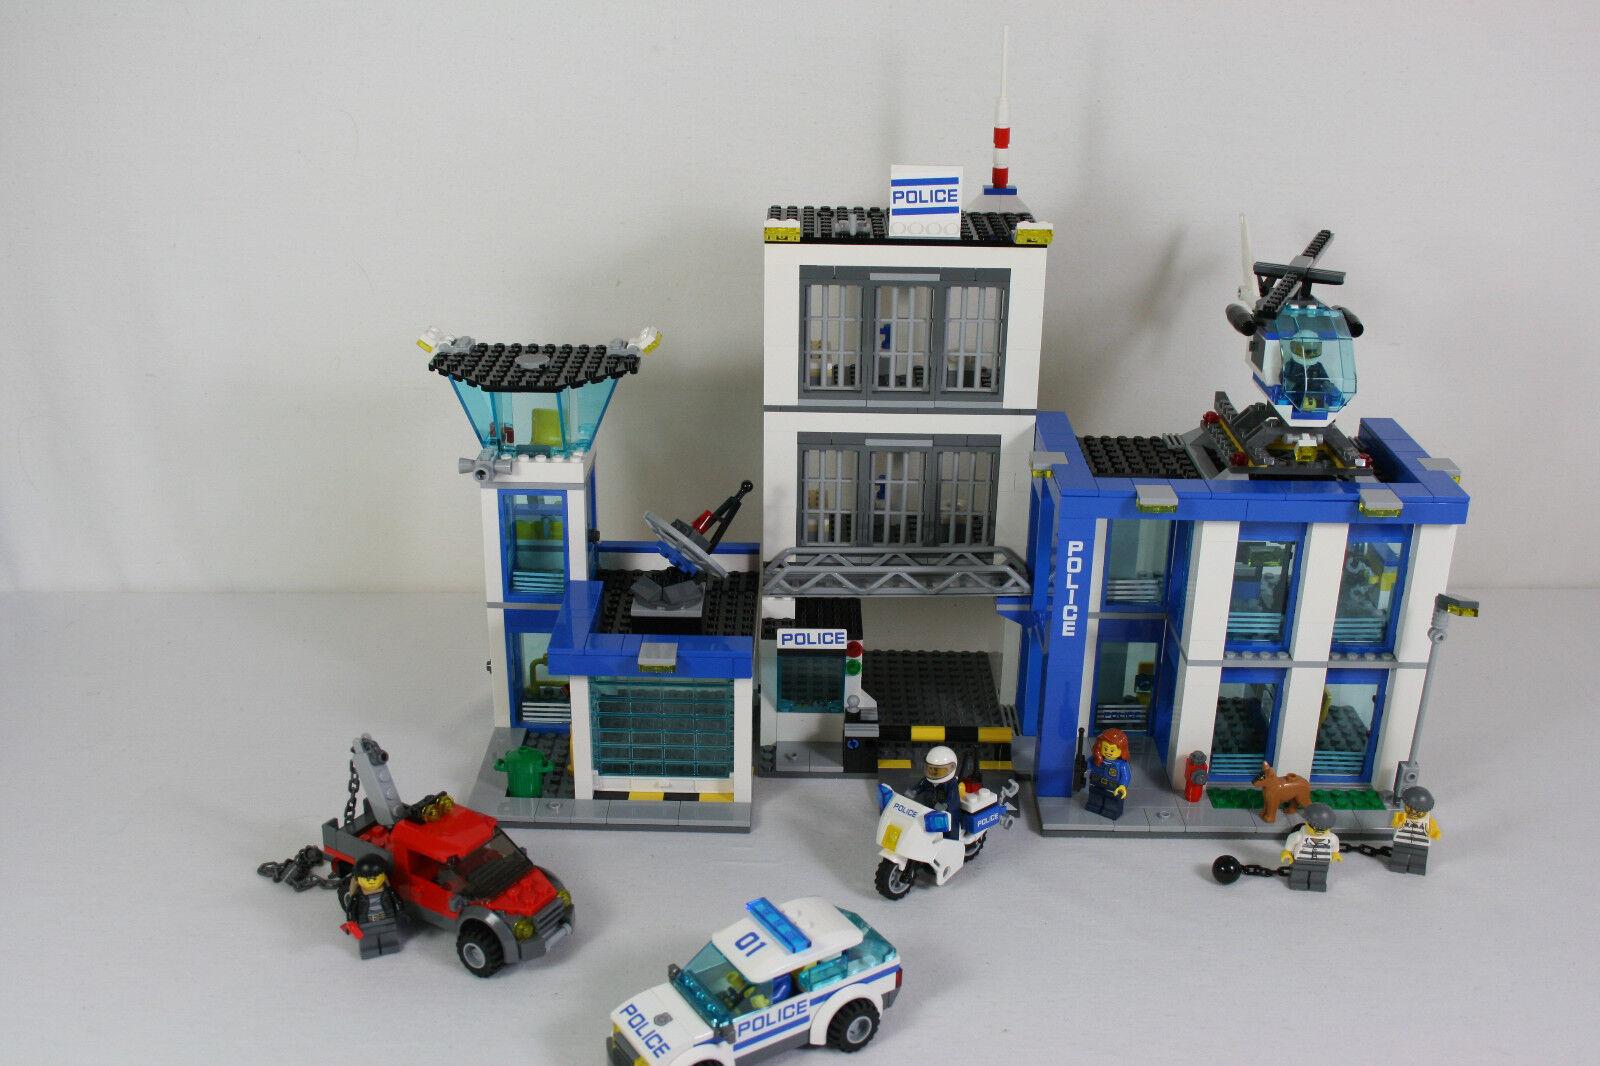 Lego City 60047 Ausbruch aus der Polizeistation komplett incl. BA